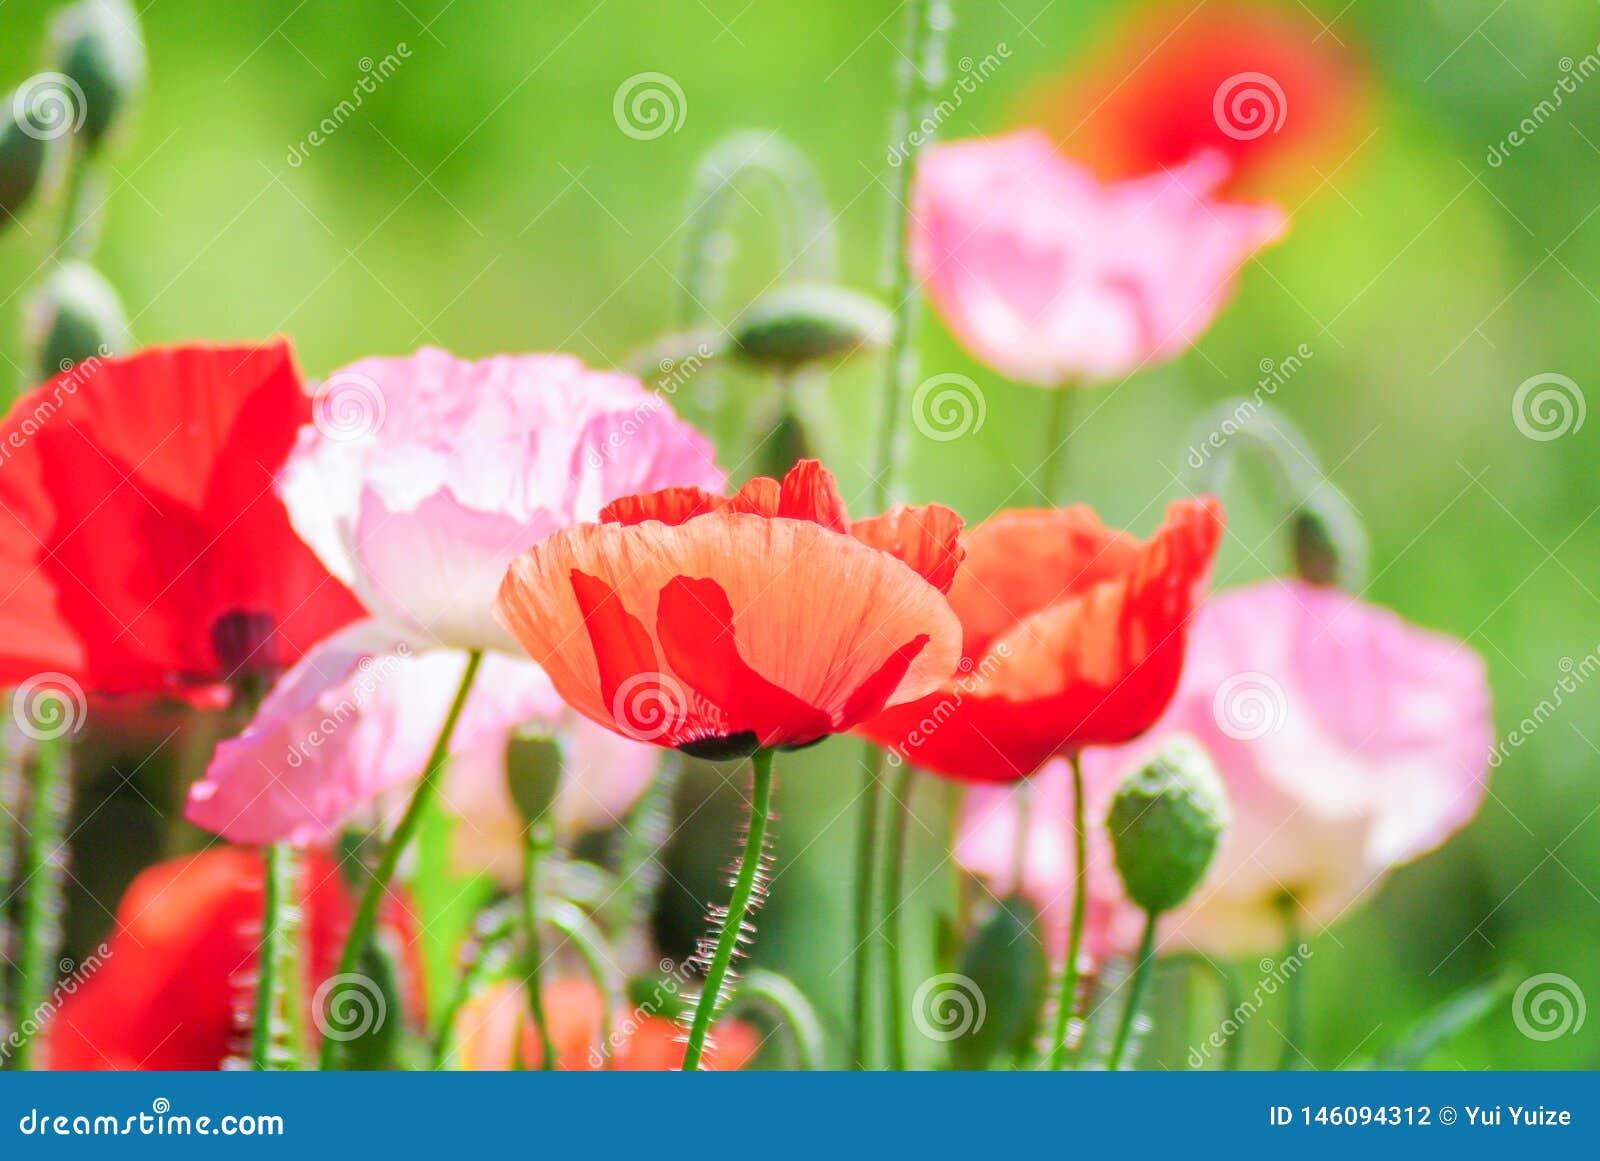 Rode en roze papaverbloemen op een gebied, rode papaver